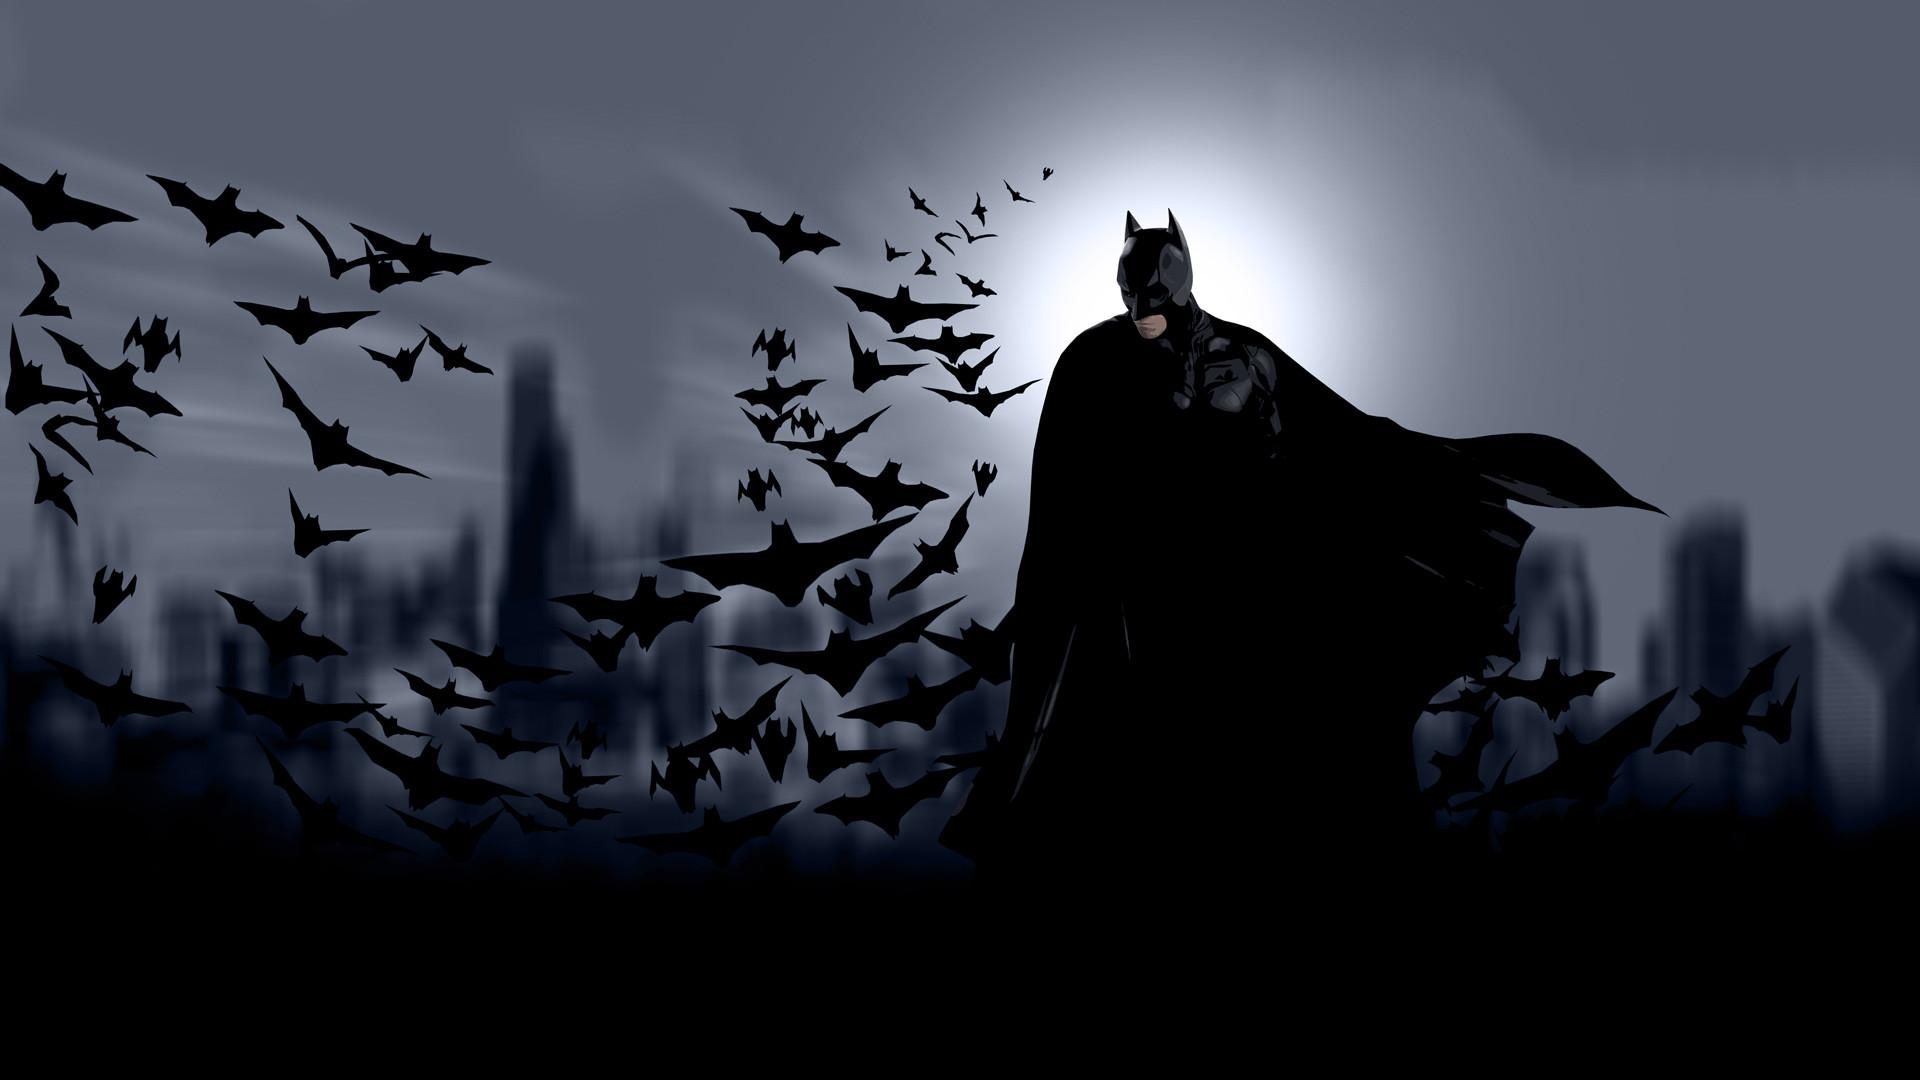 Batman · Batman Wallpaper